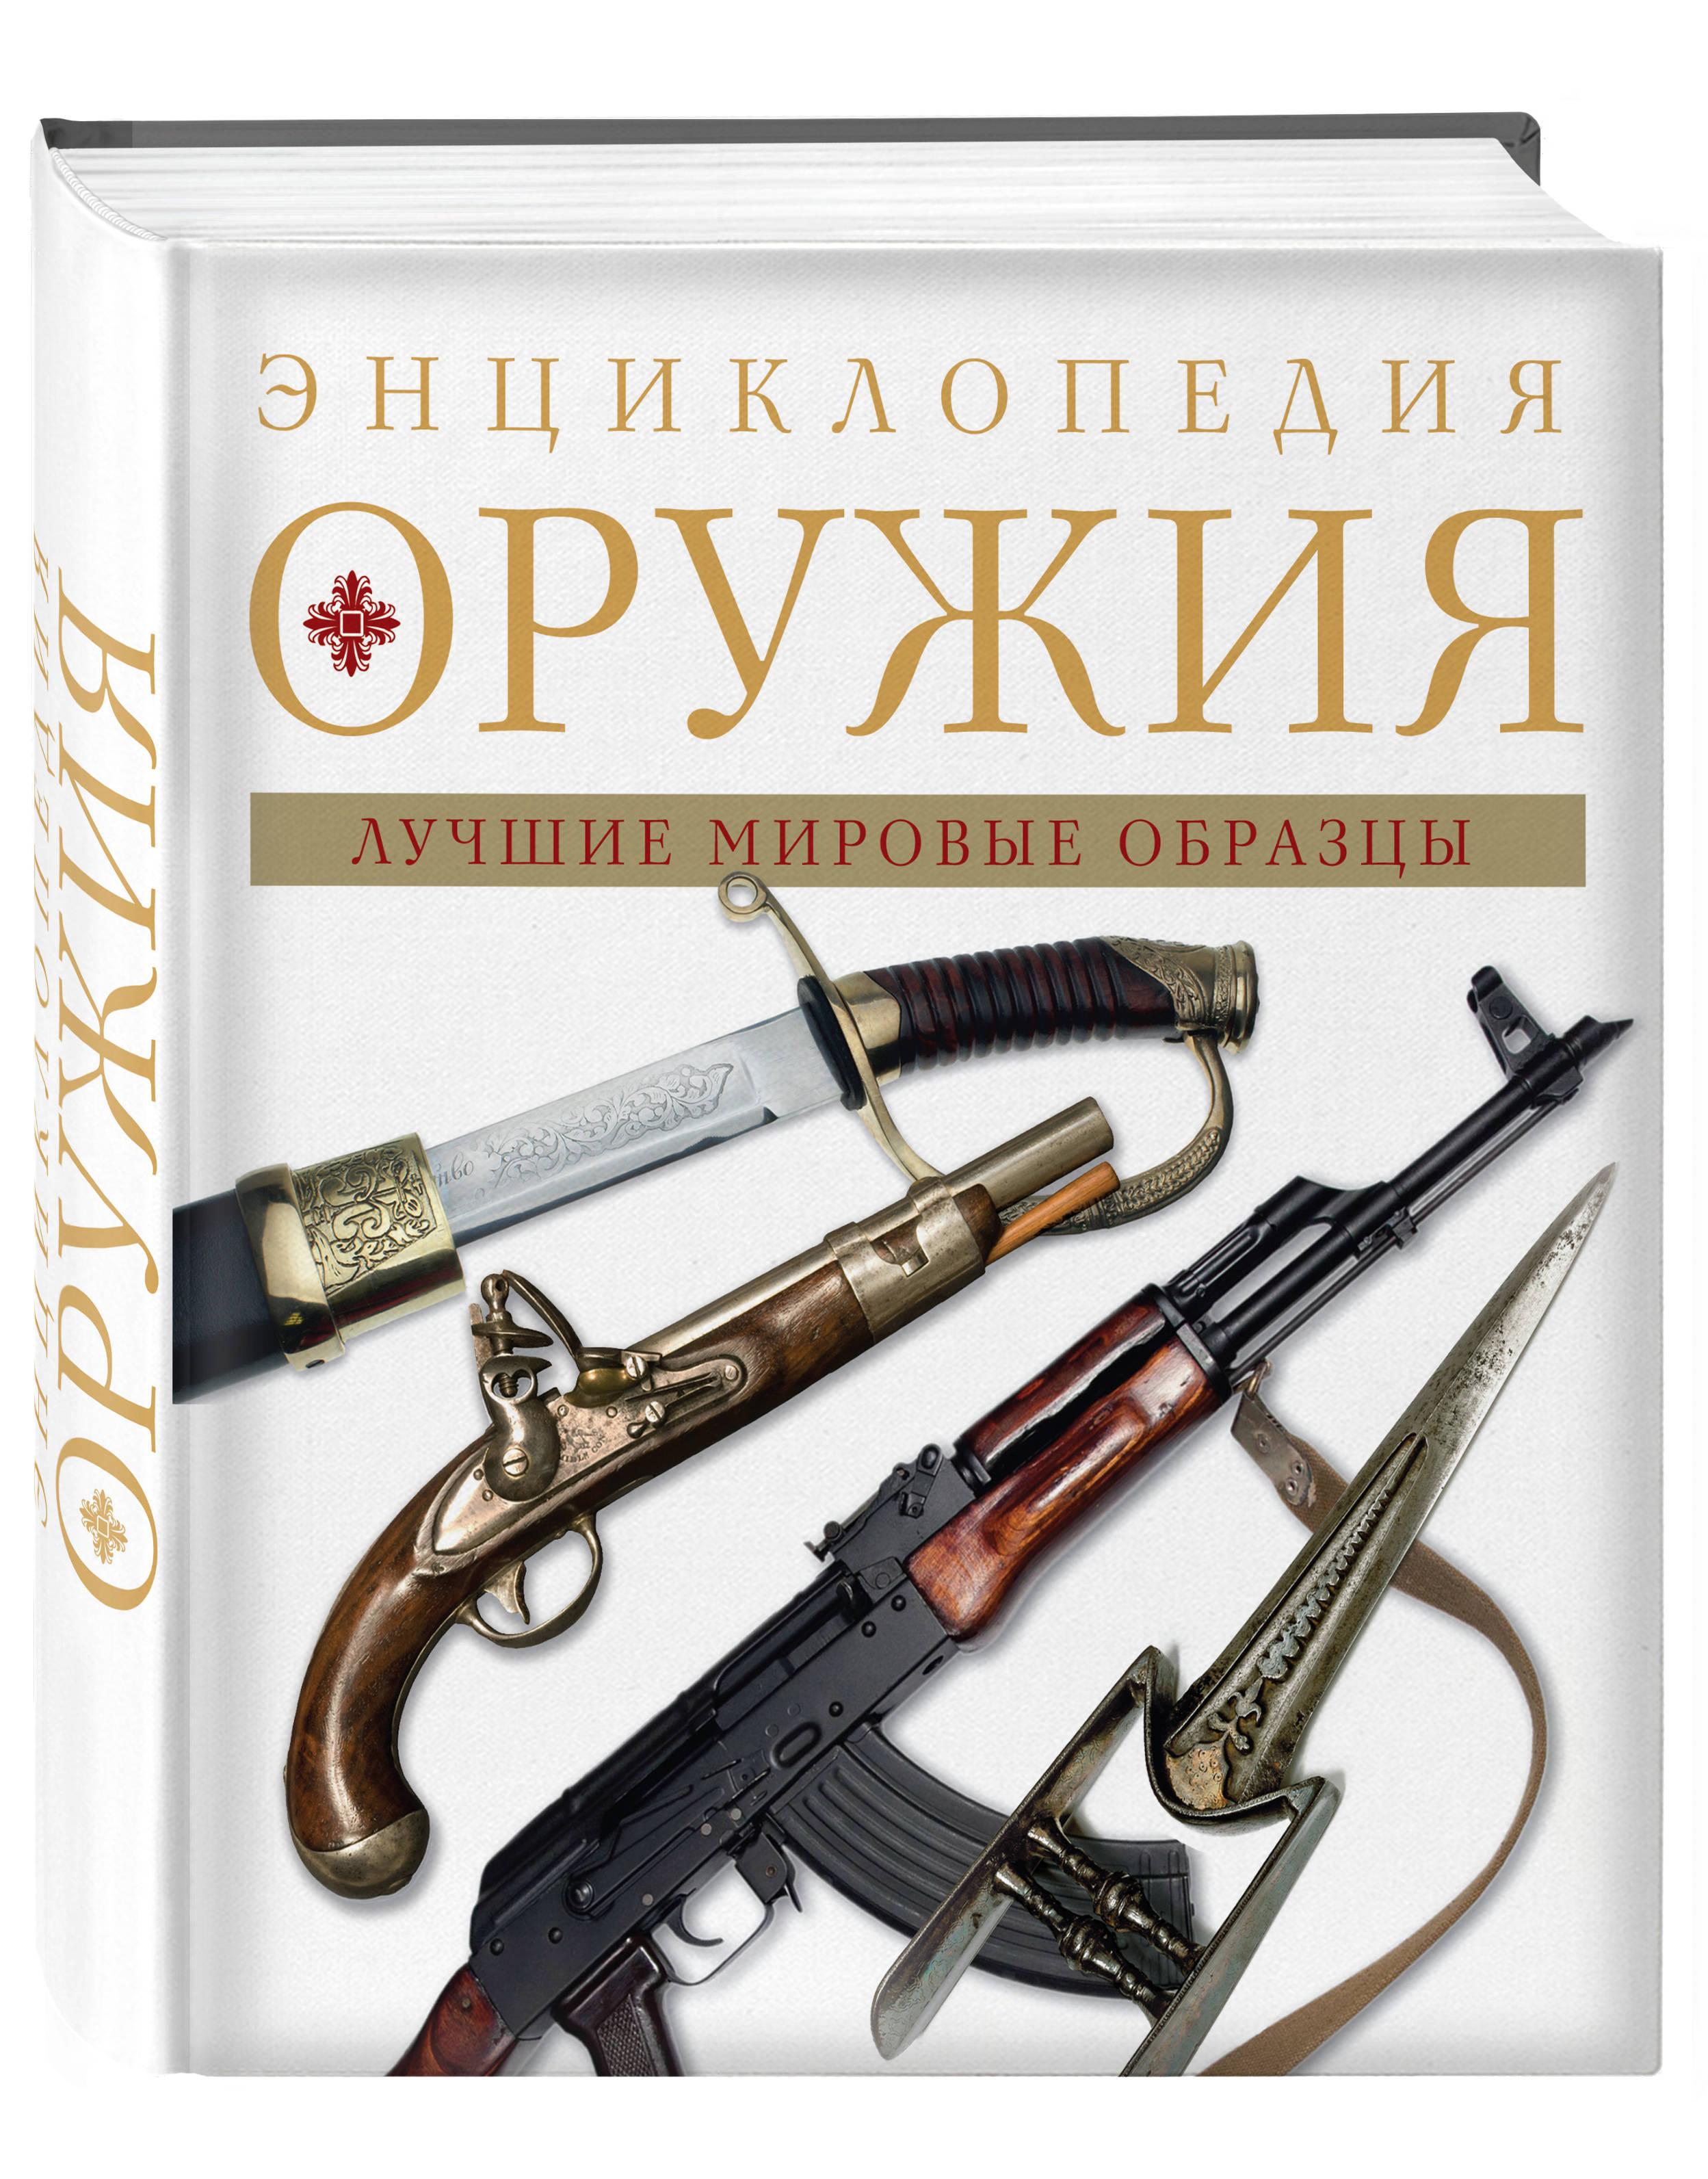 Алексеев Д. Энциклопедия оружия. 2-е издание, исправленное и дополненное